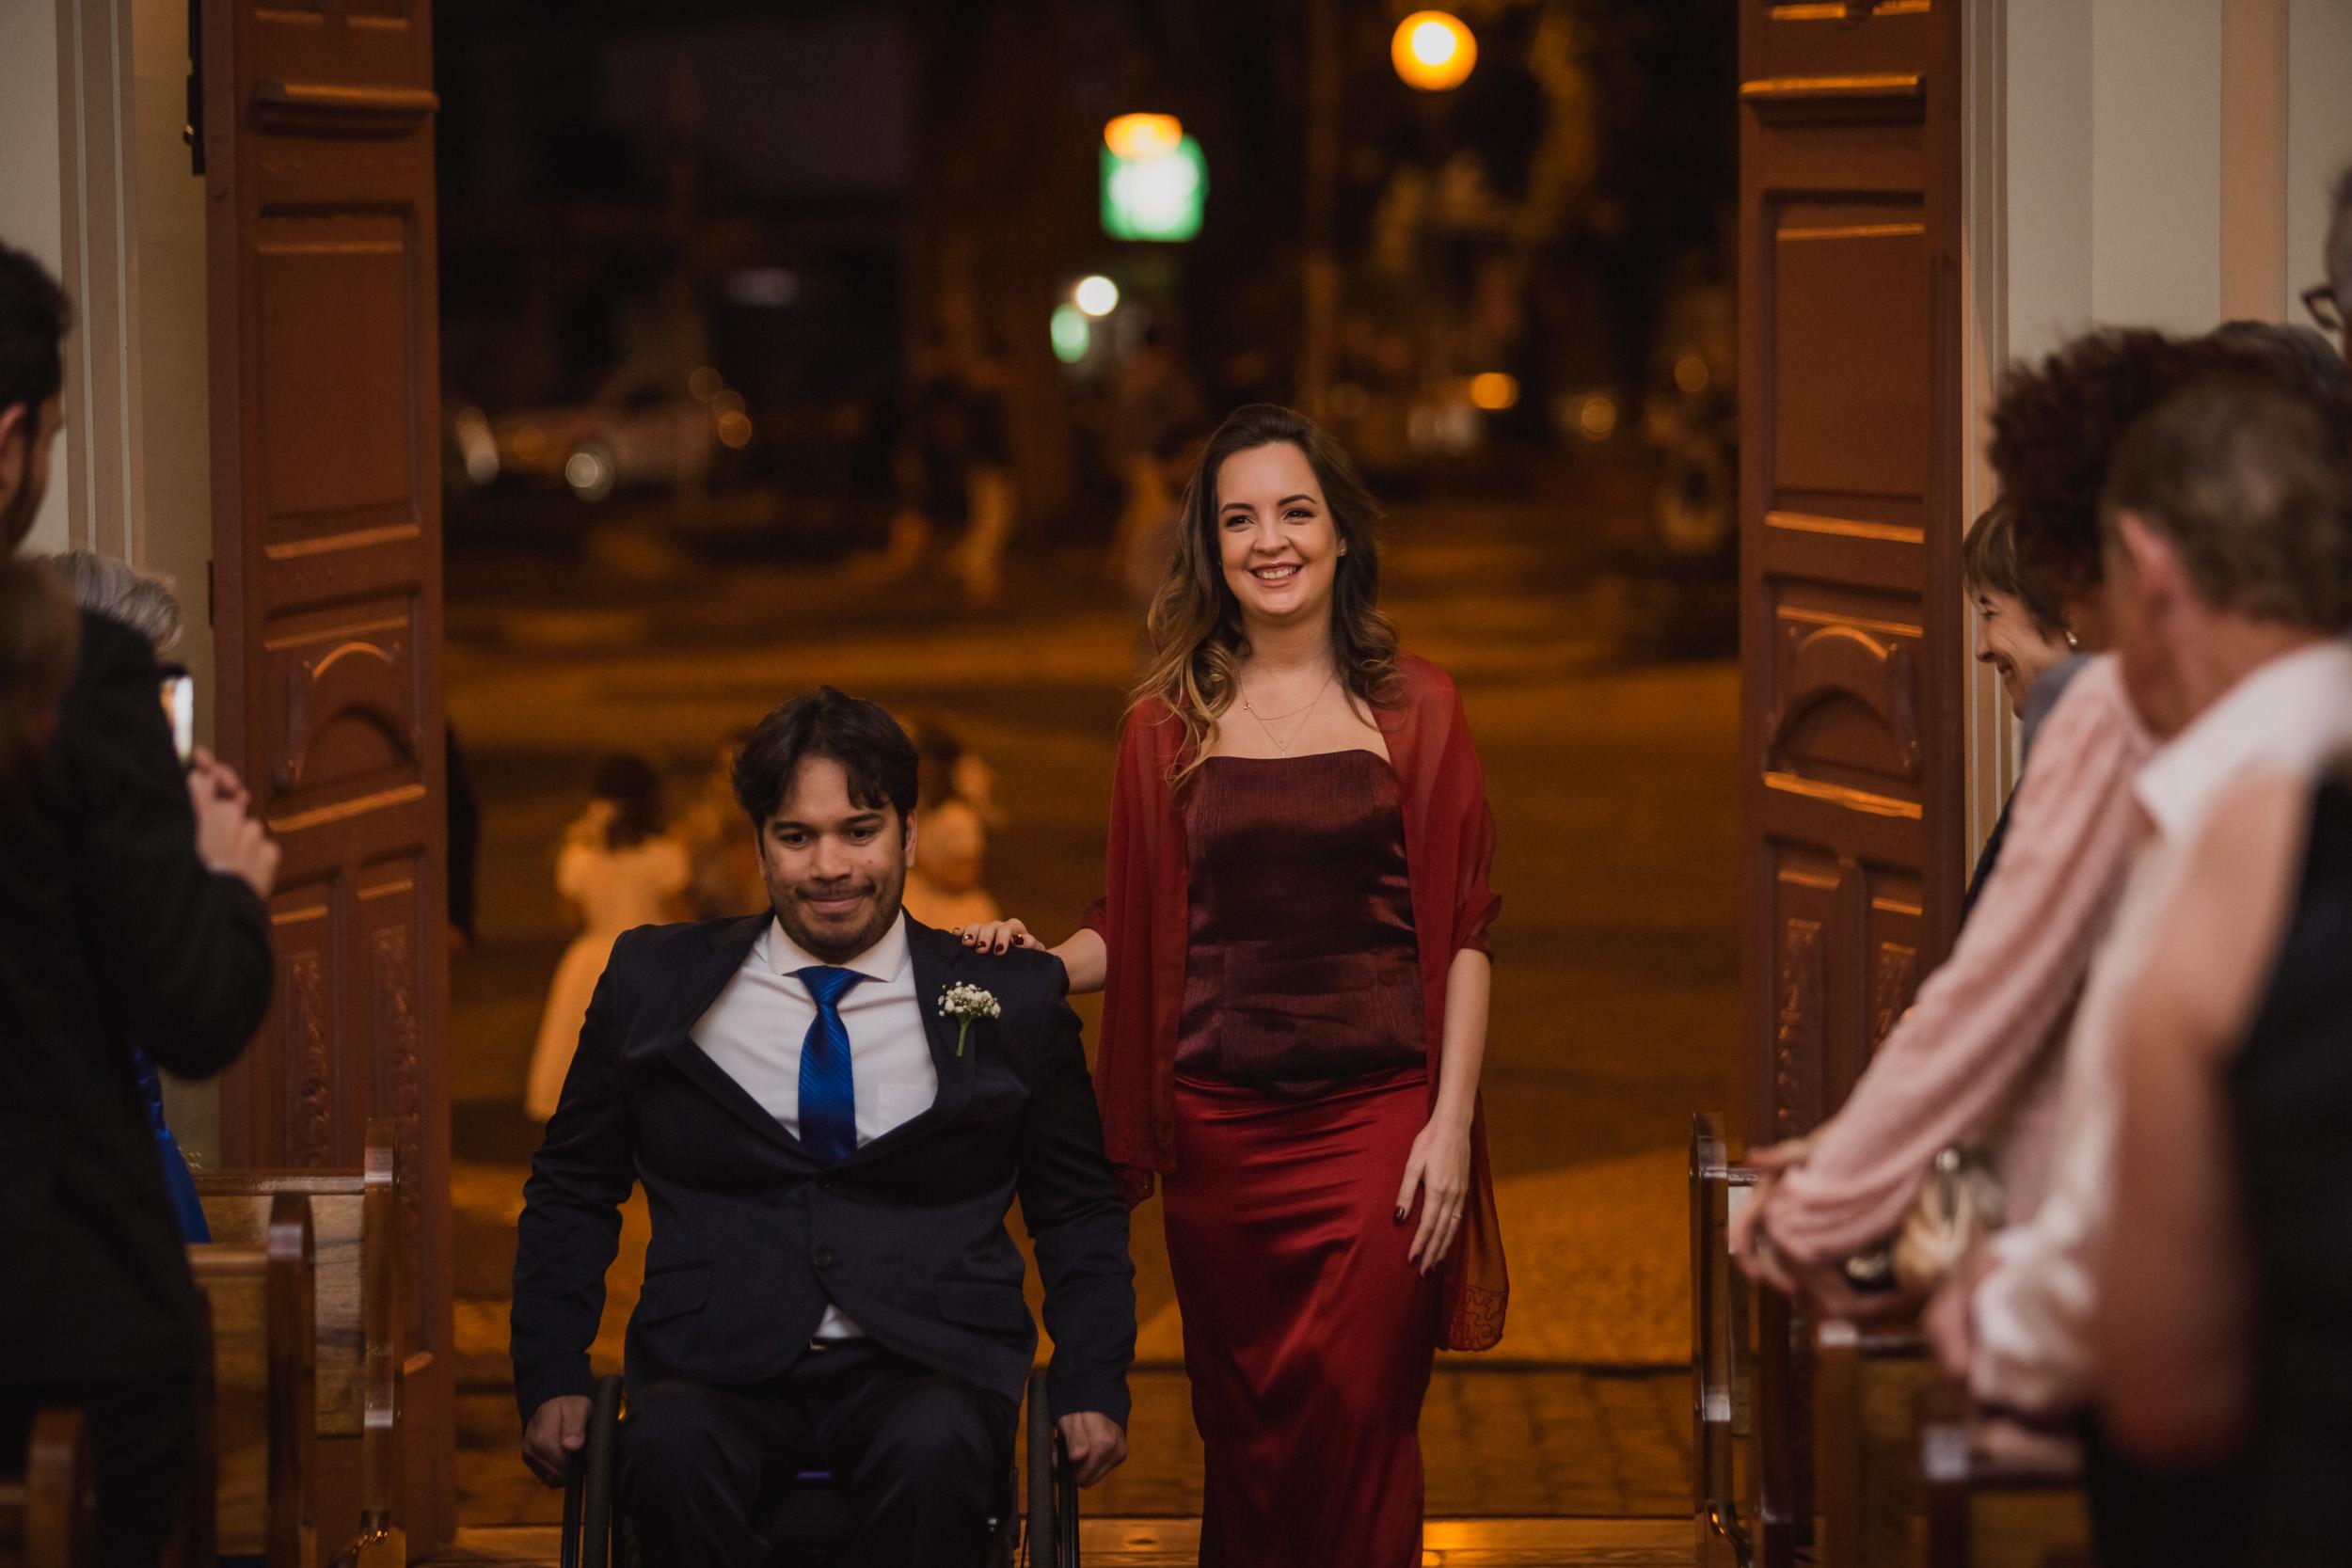 Maiara e Adriano (seleção) - 22.jpg